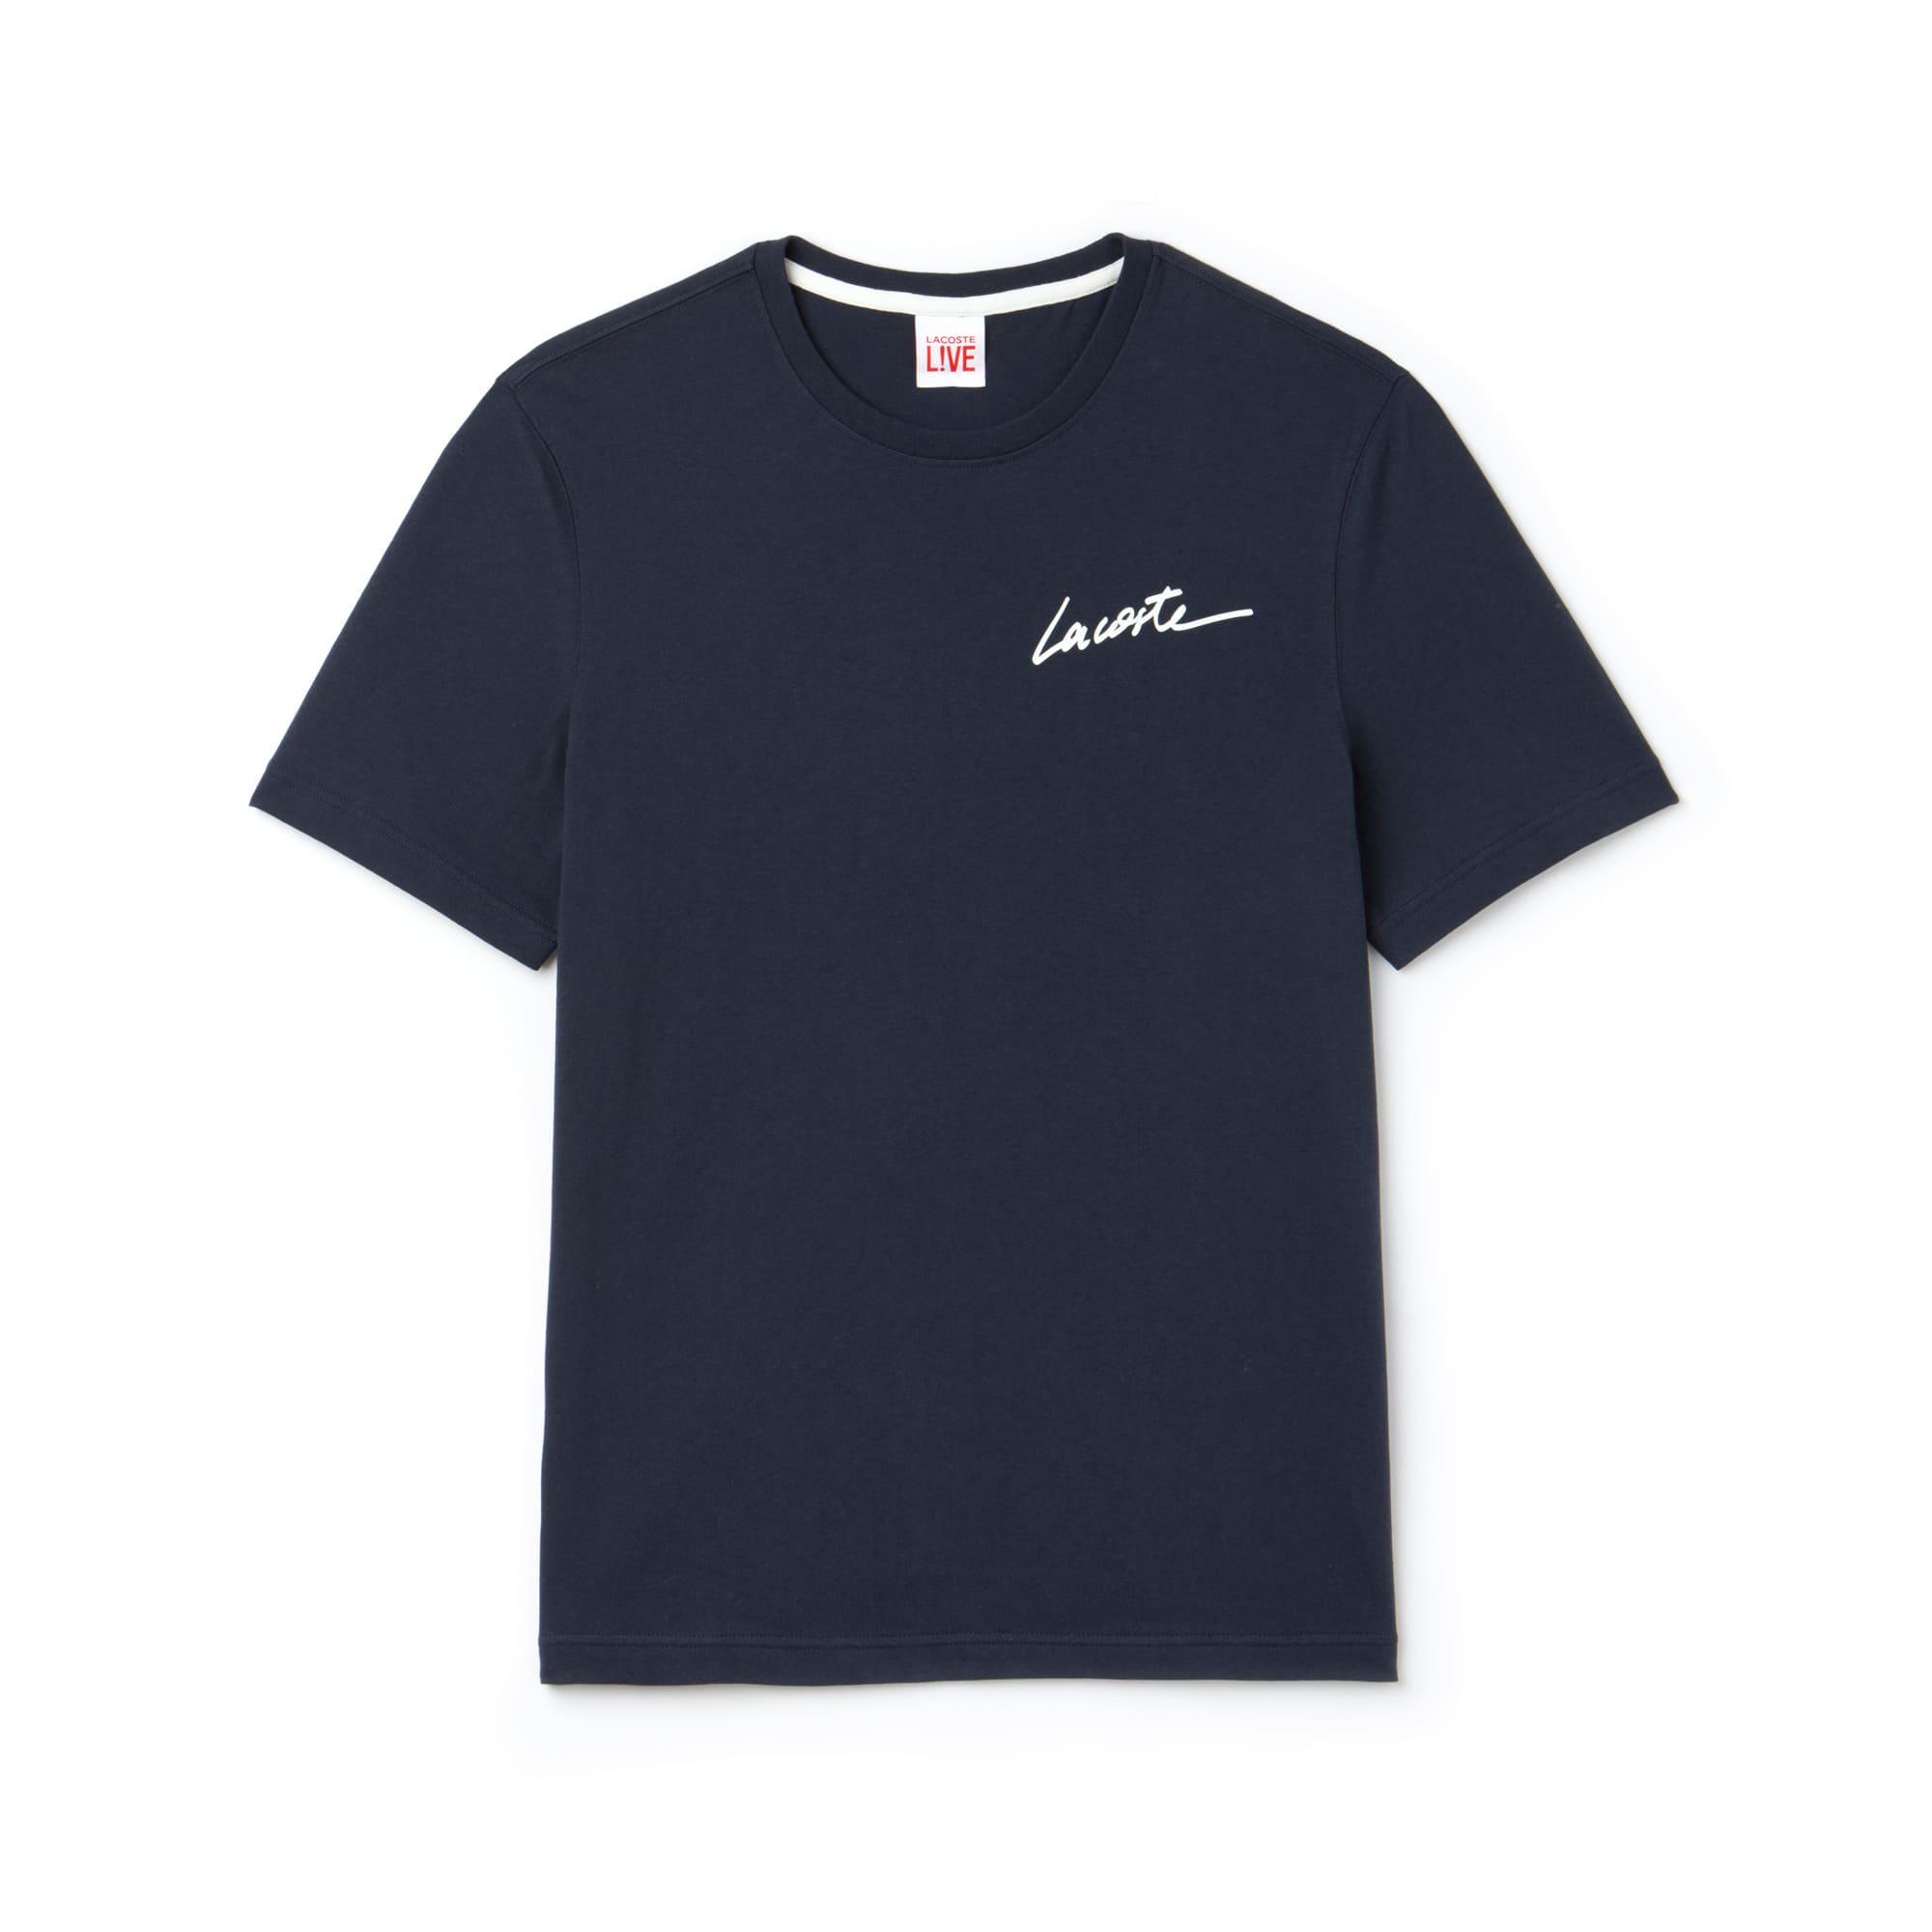 T-Shirts für Männer   Herrenmode   LACOSTE ee99024f9d